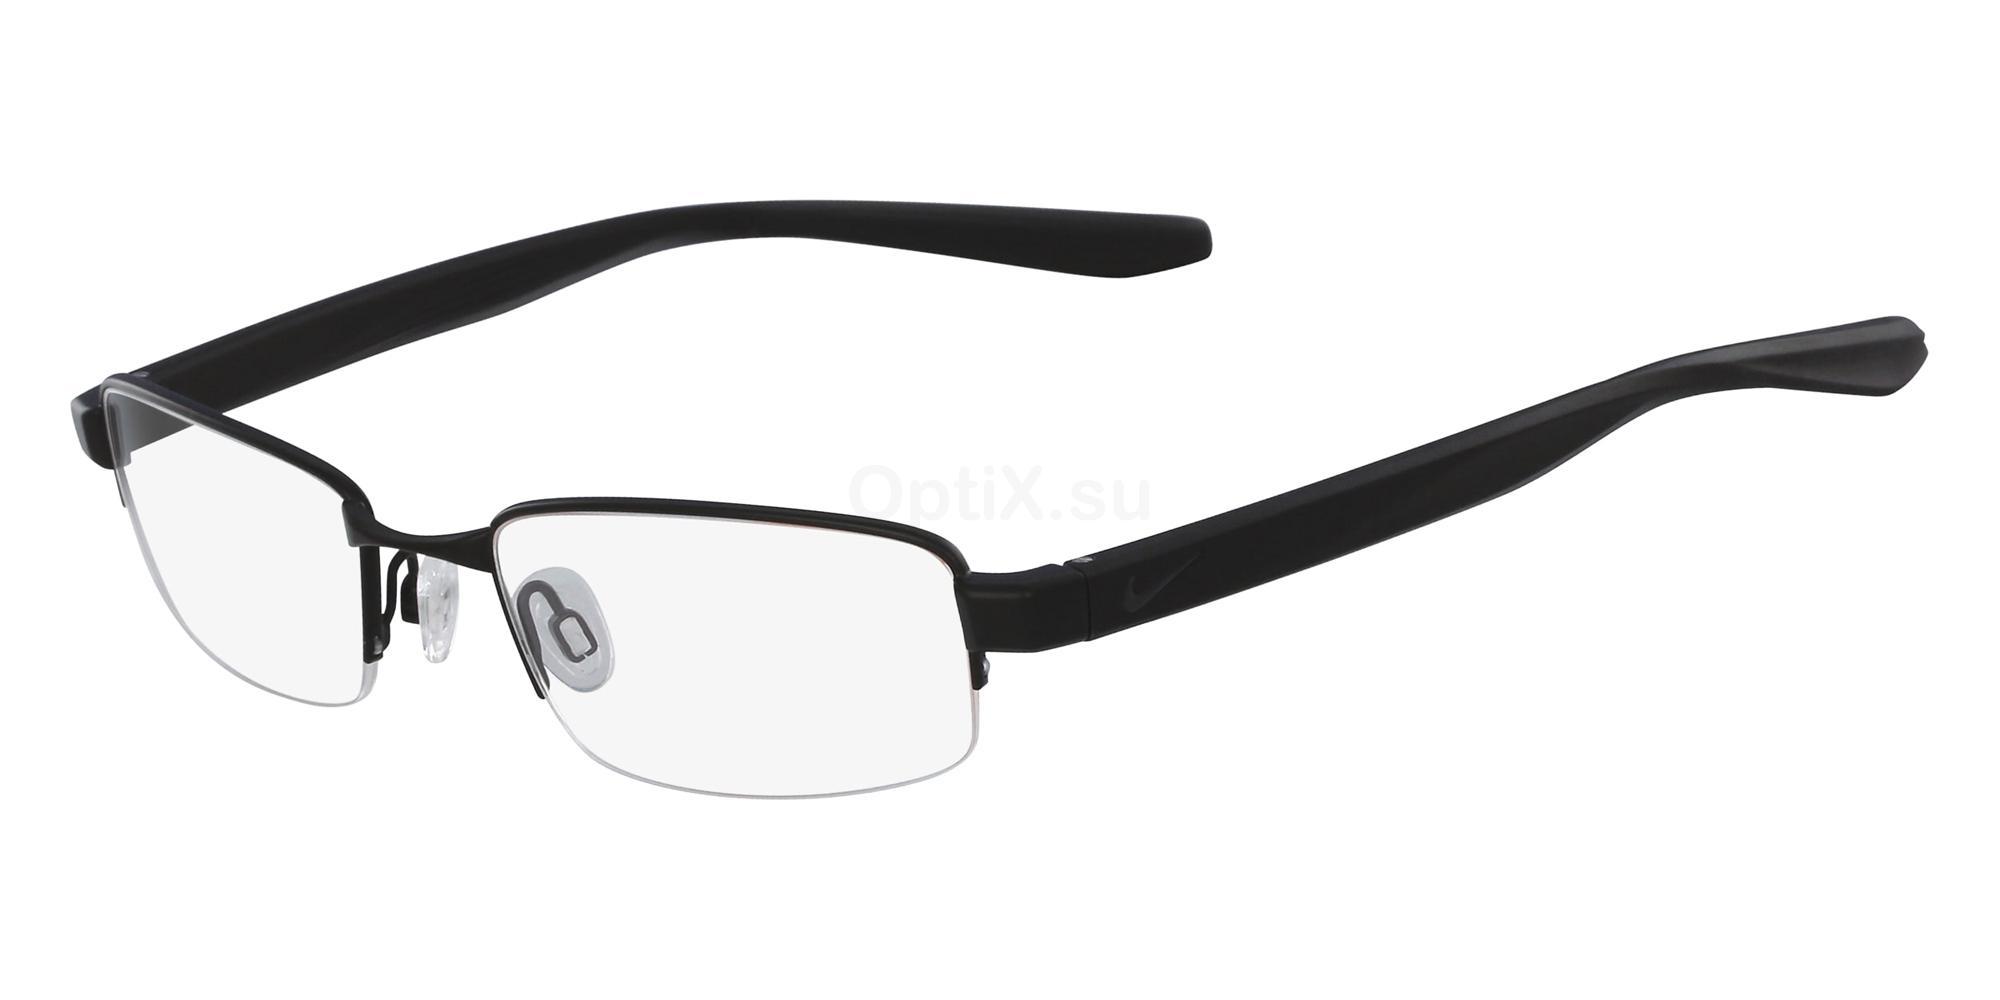 001 NIKE 8174 Glasses, Nike